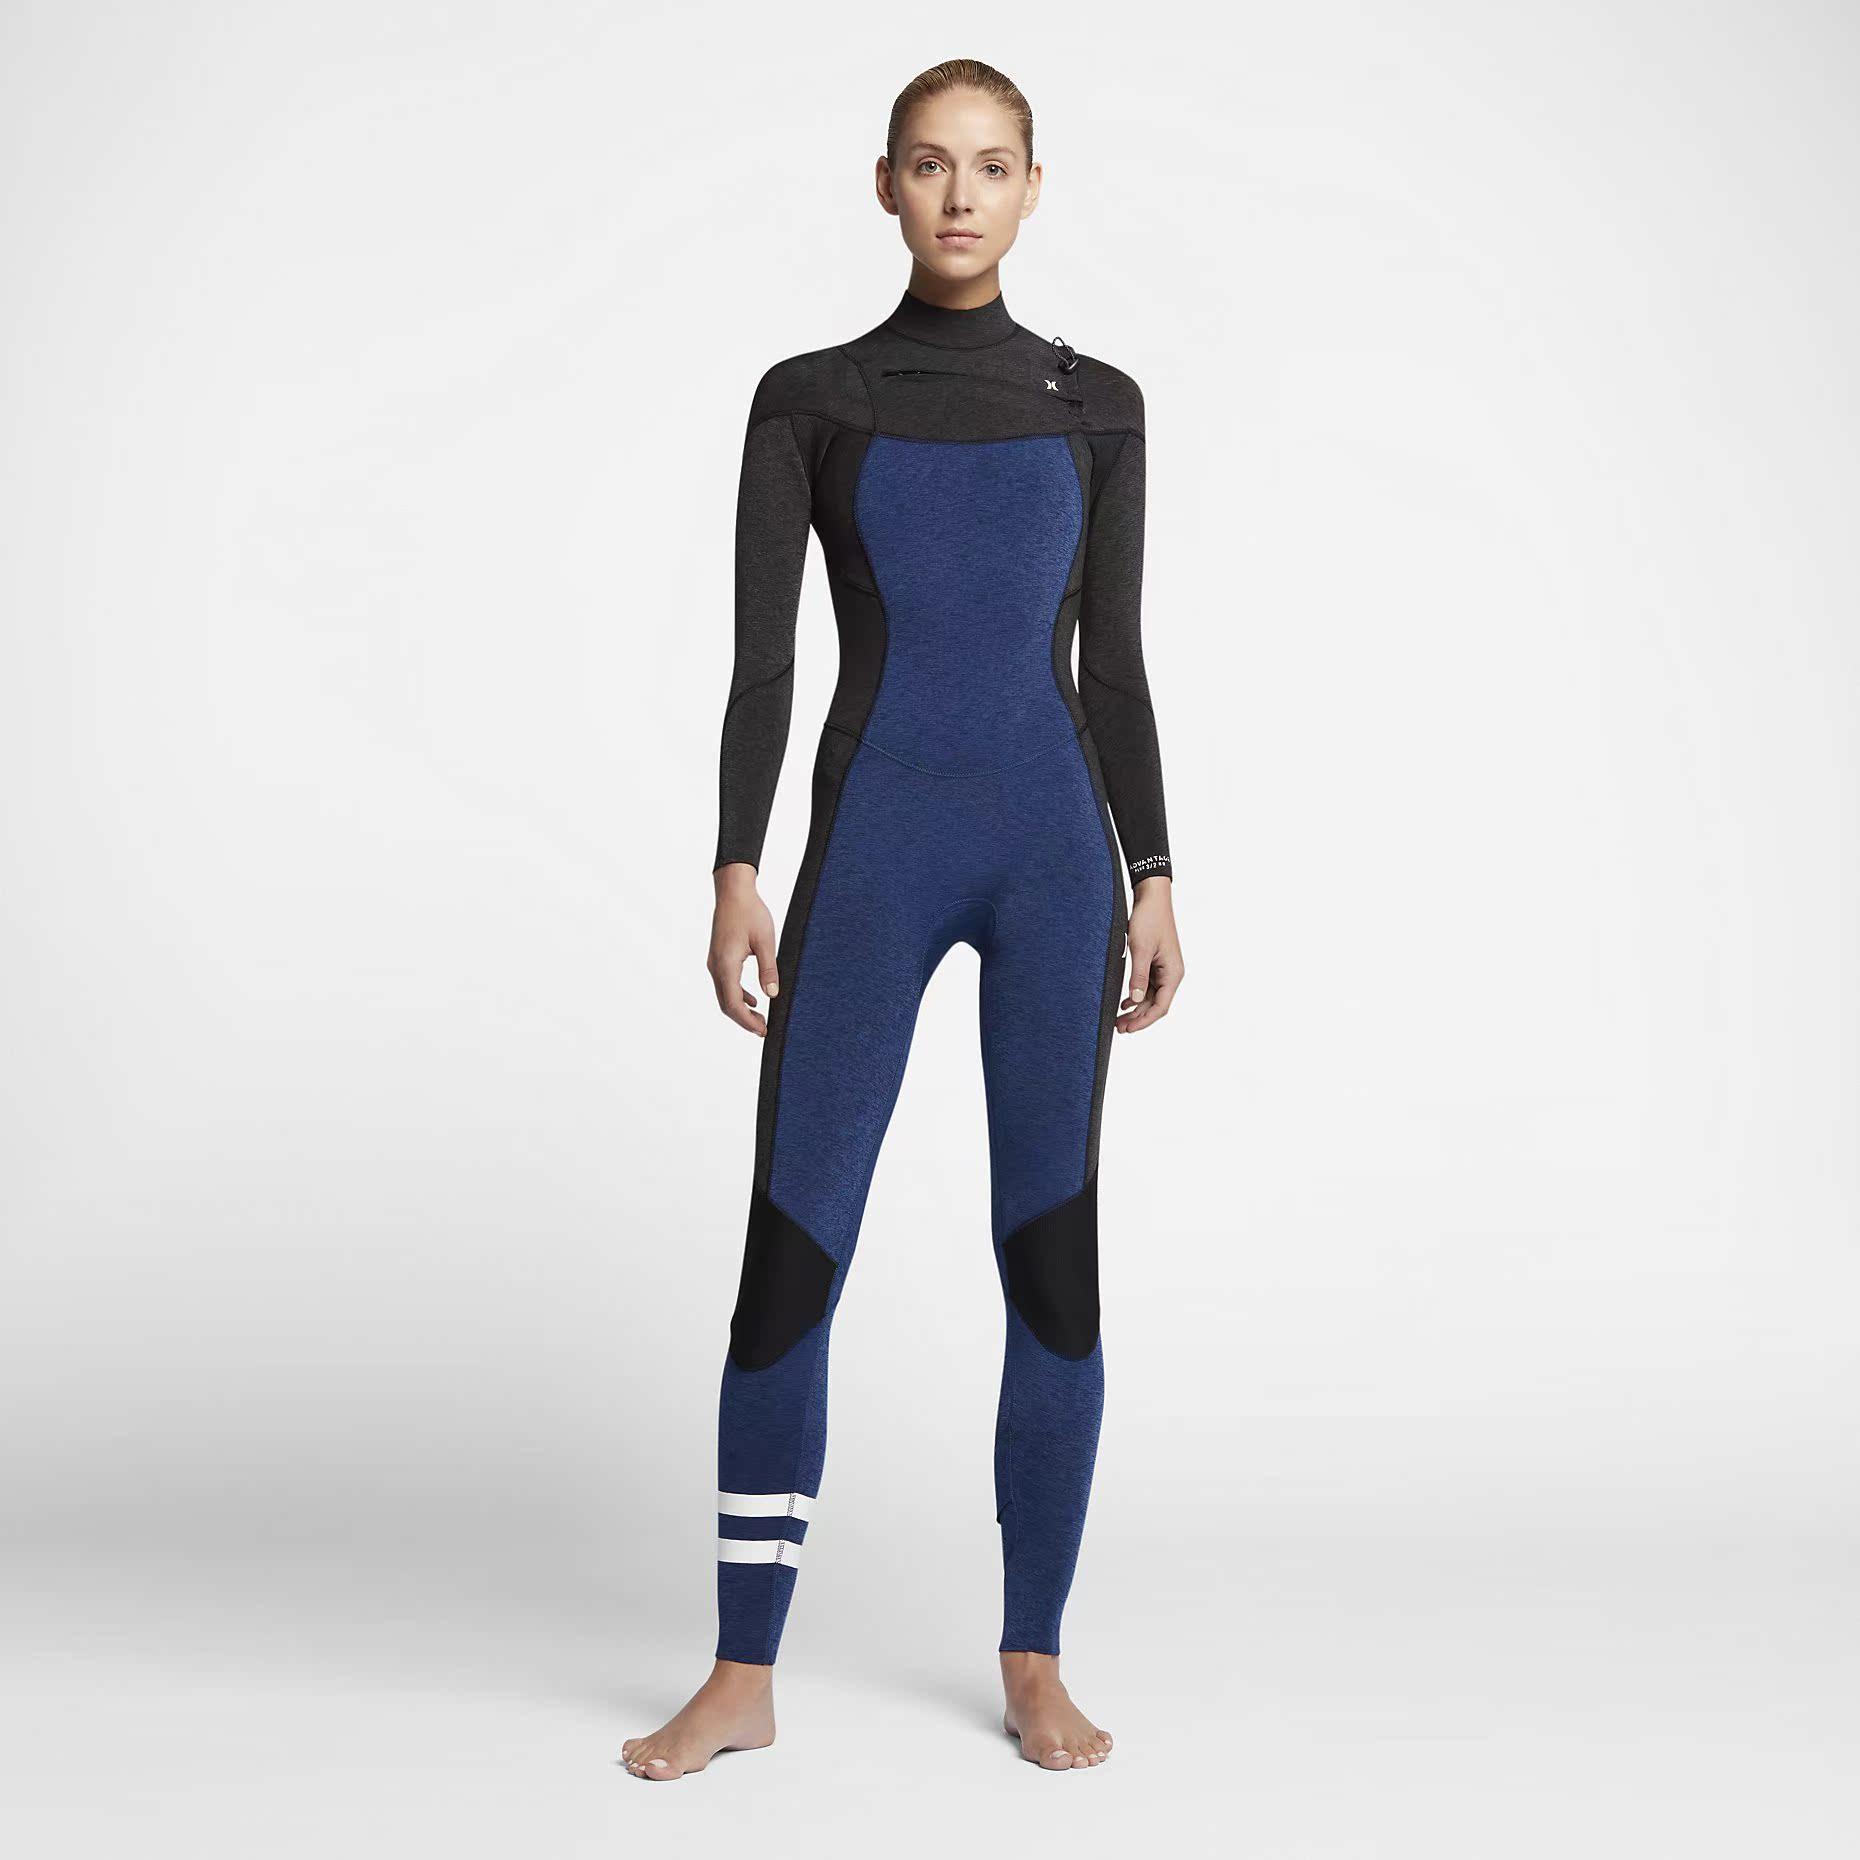 Прибой холодный одежда мокрый одежда дайвинг одежда Hurley 3/2mm Fullsuit Wetsuit женские модели